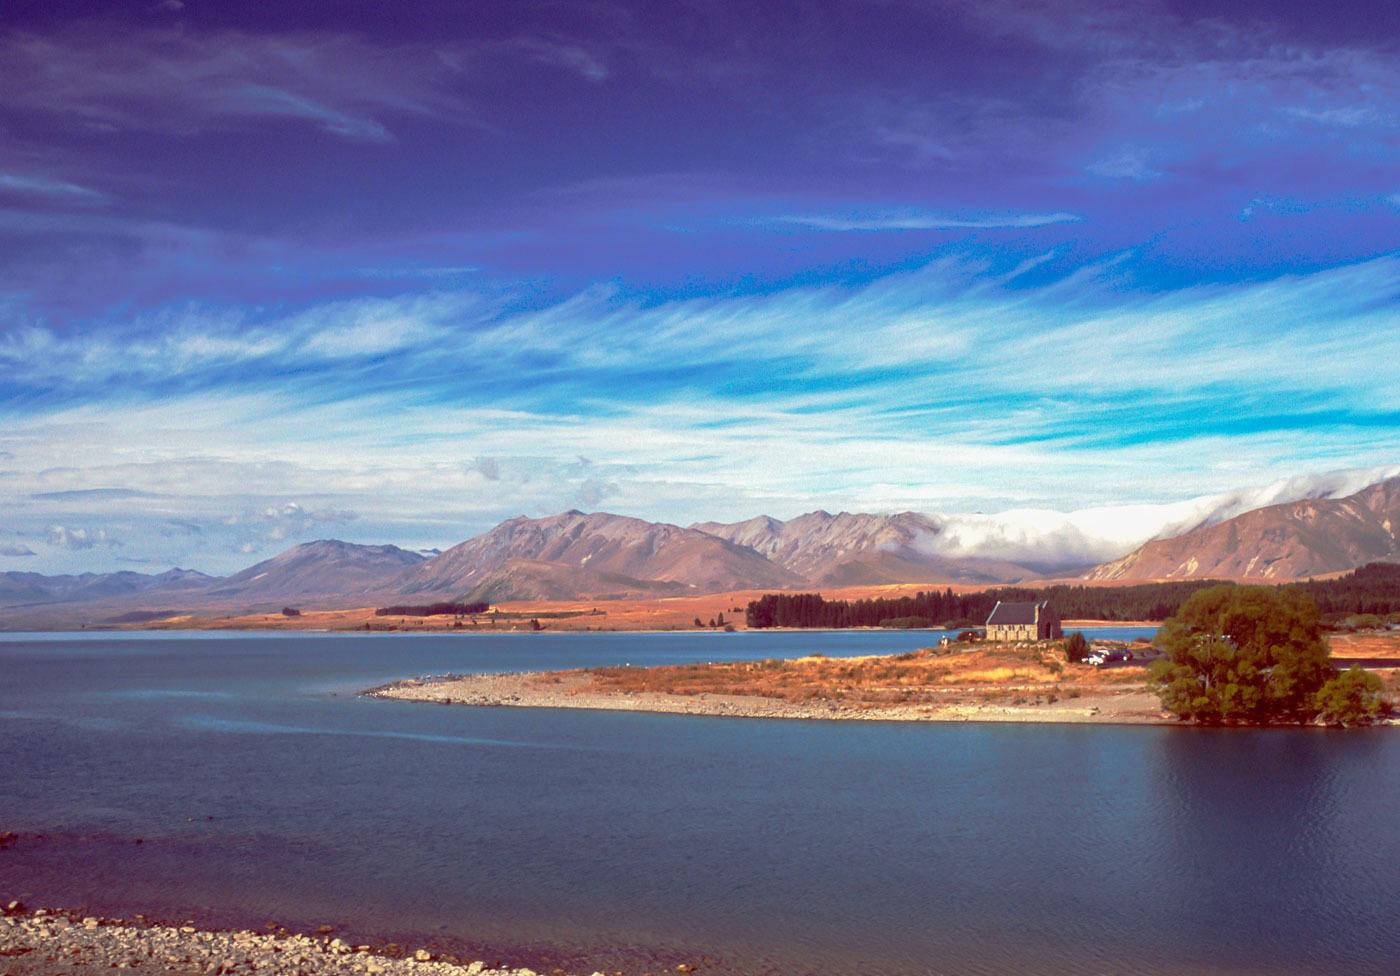 ニュージーランドをバイクで旅する・・・(3)_e0110874_22534581.jpg